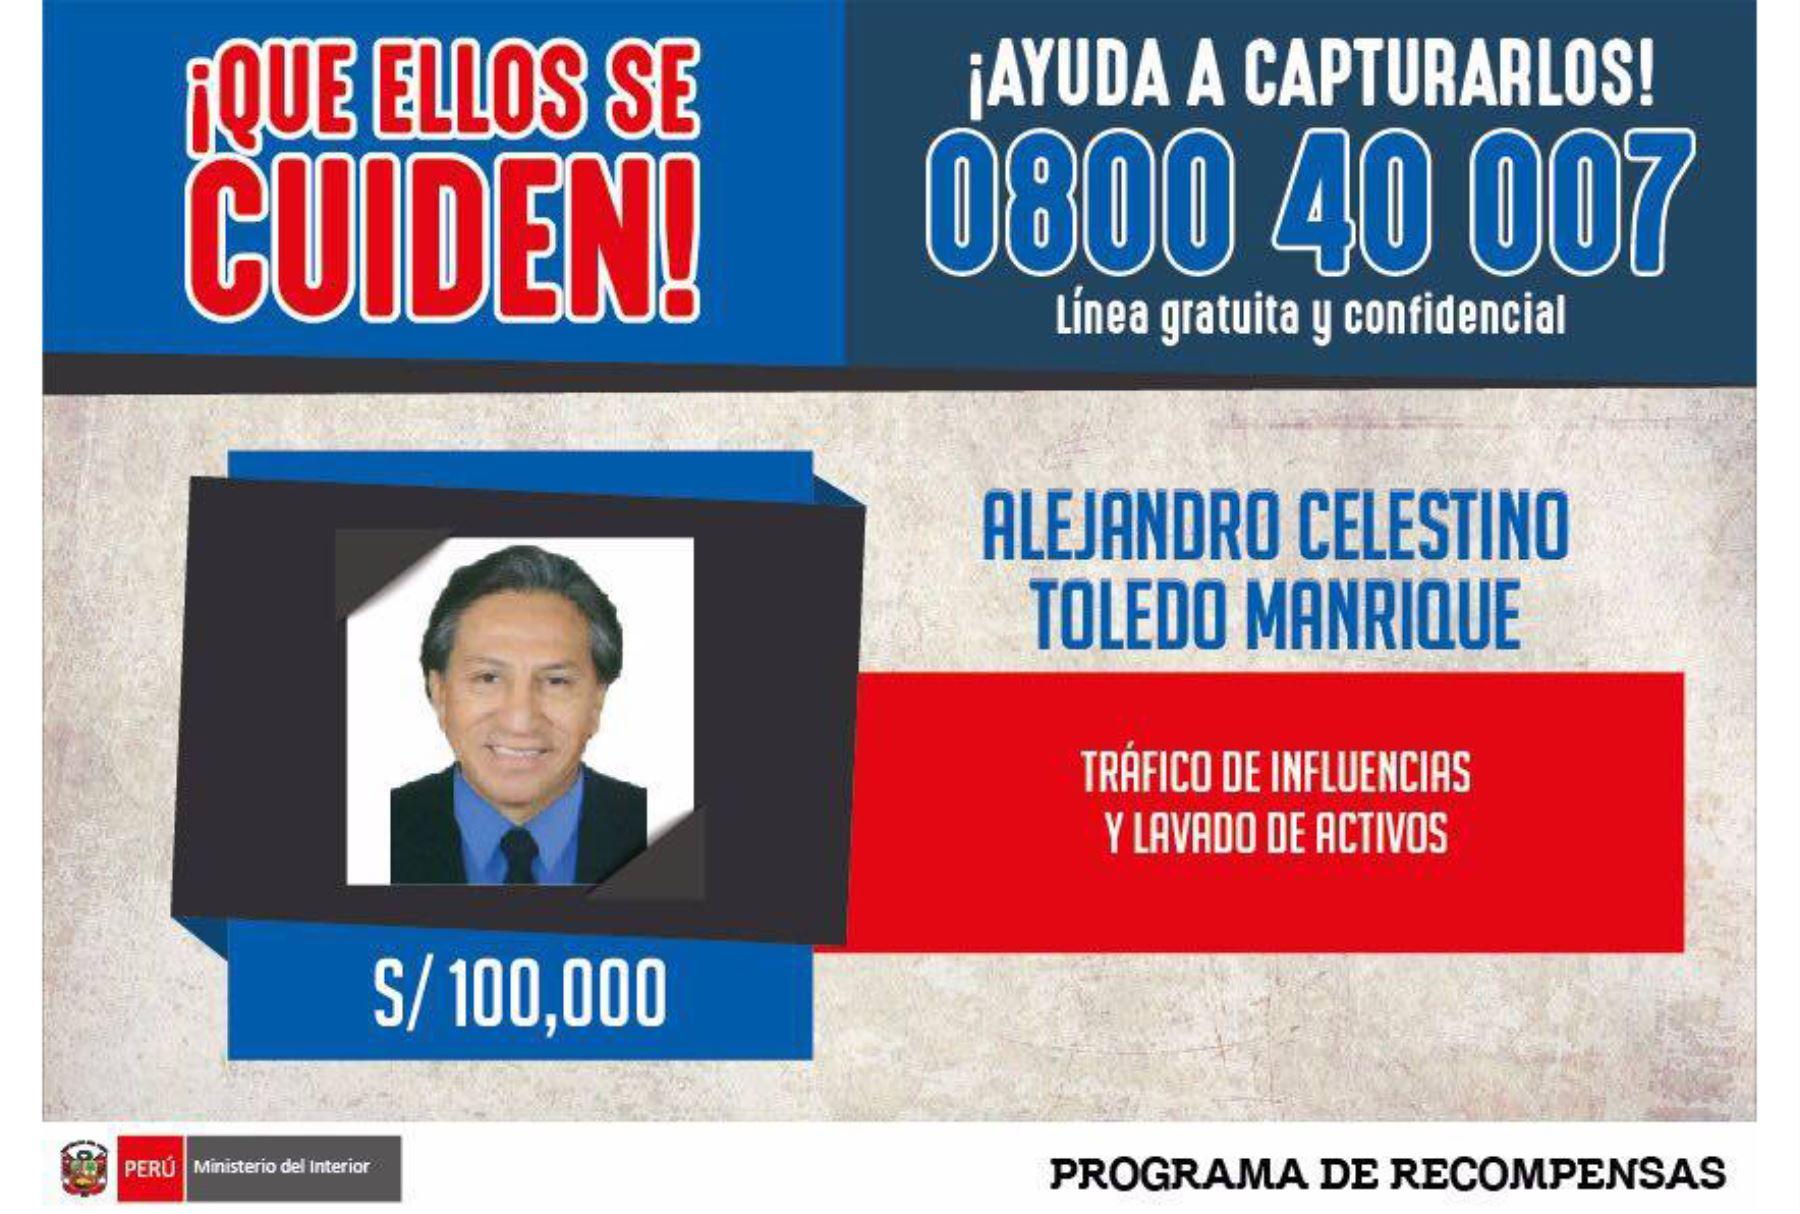 Darán recompensa de S/ 100,000 a quien informe ubicación de Toledo. Foto: Twitter.